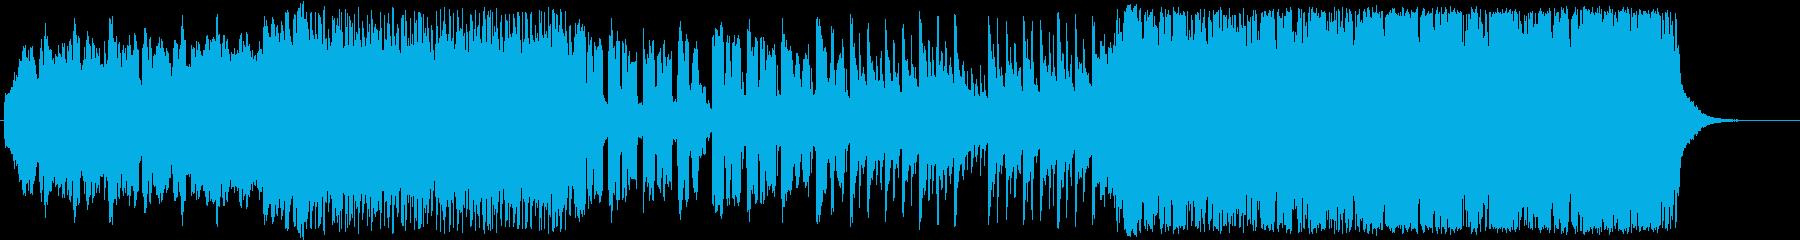 尺八の優しい和風リラックスの再生済みの波形